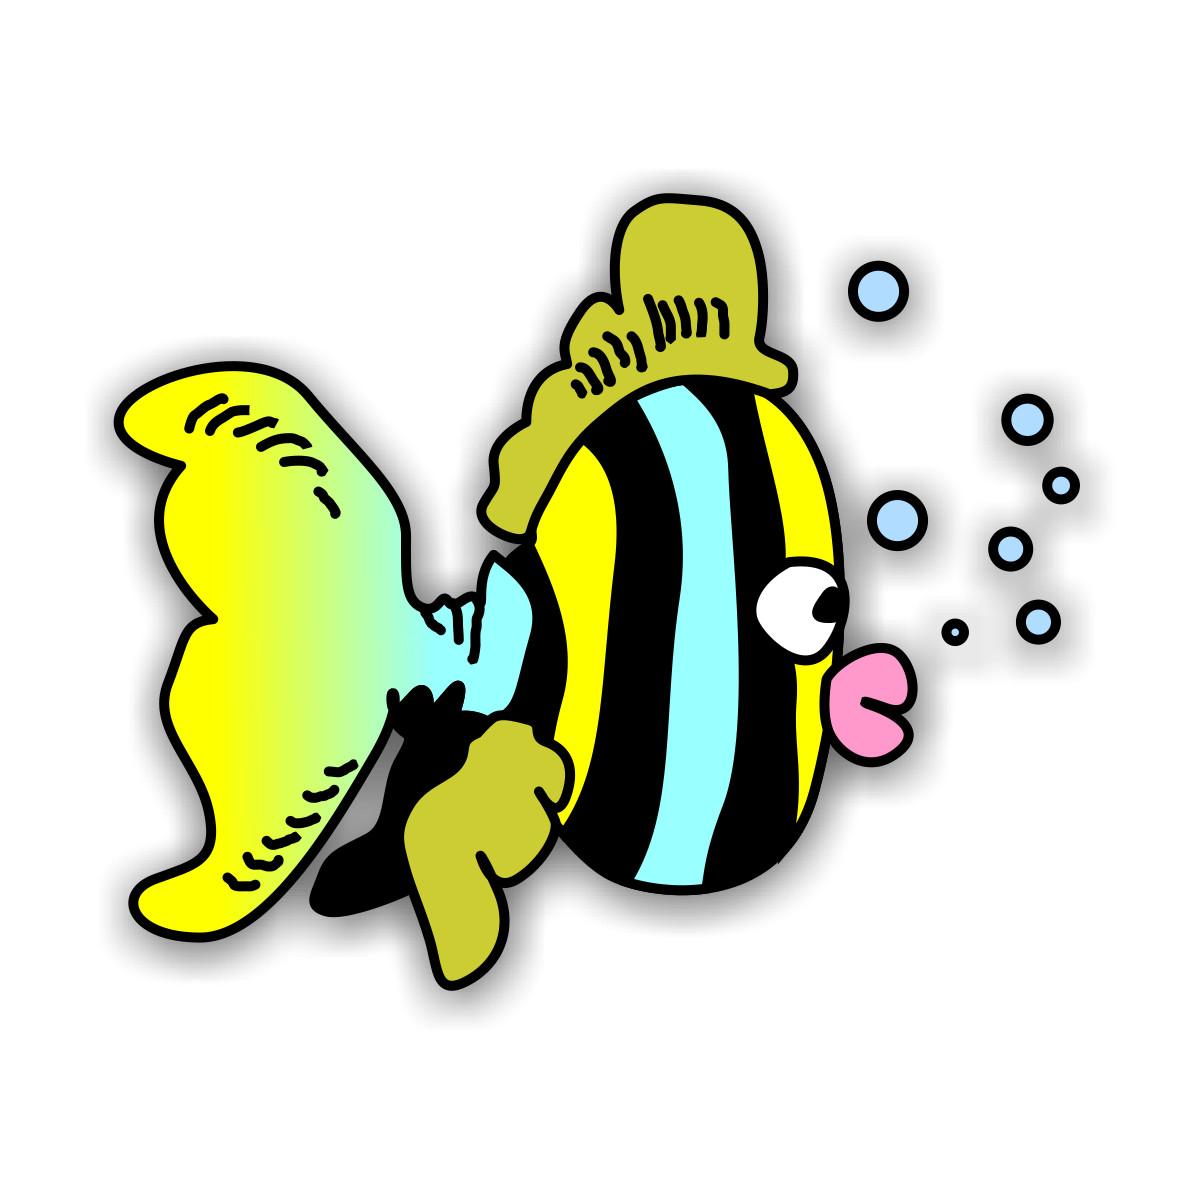 Kostenlose malvorlagen window color fensterbilder zum for Fisch bilder